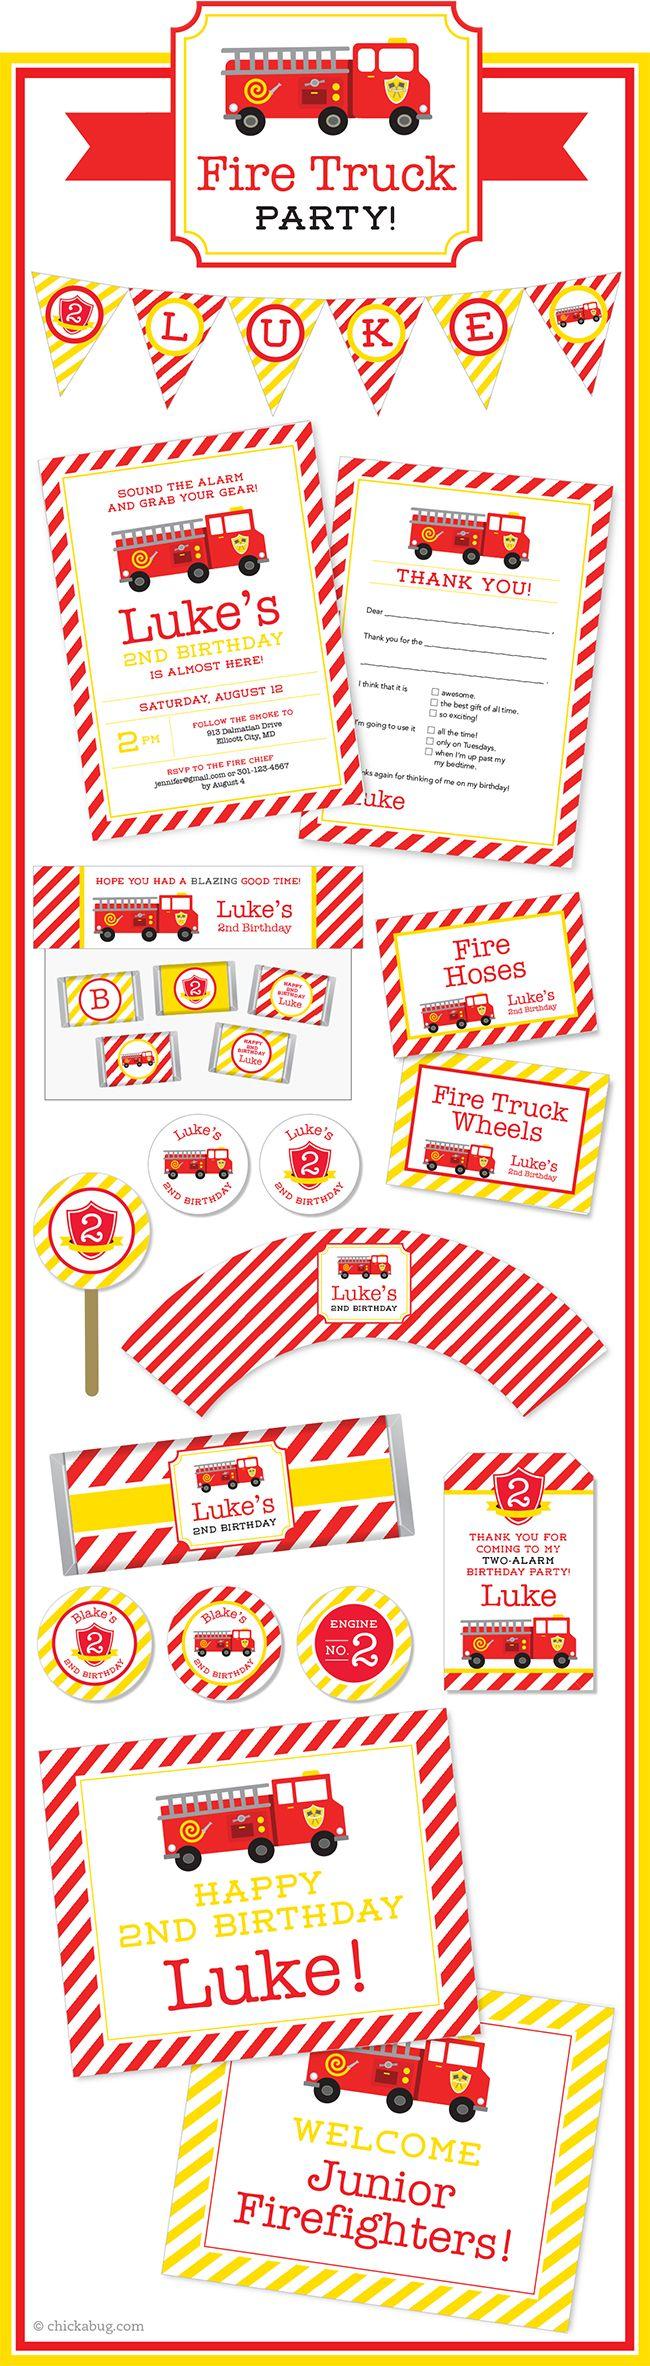 36 best Fire Truck Party images on Pinterest Fire truck Firetruck